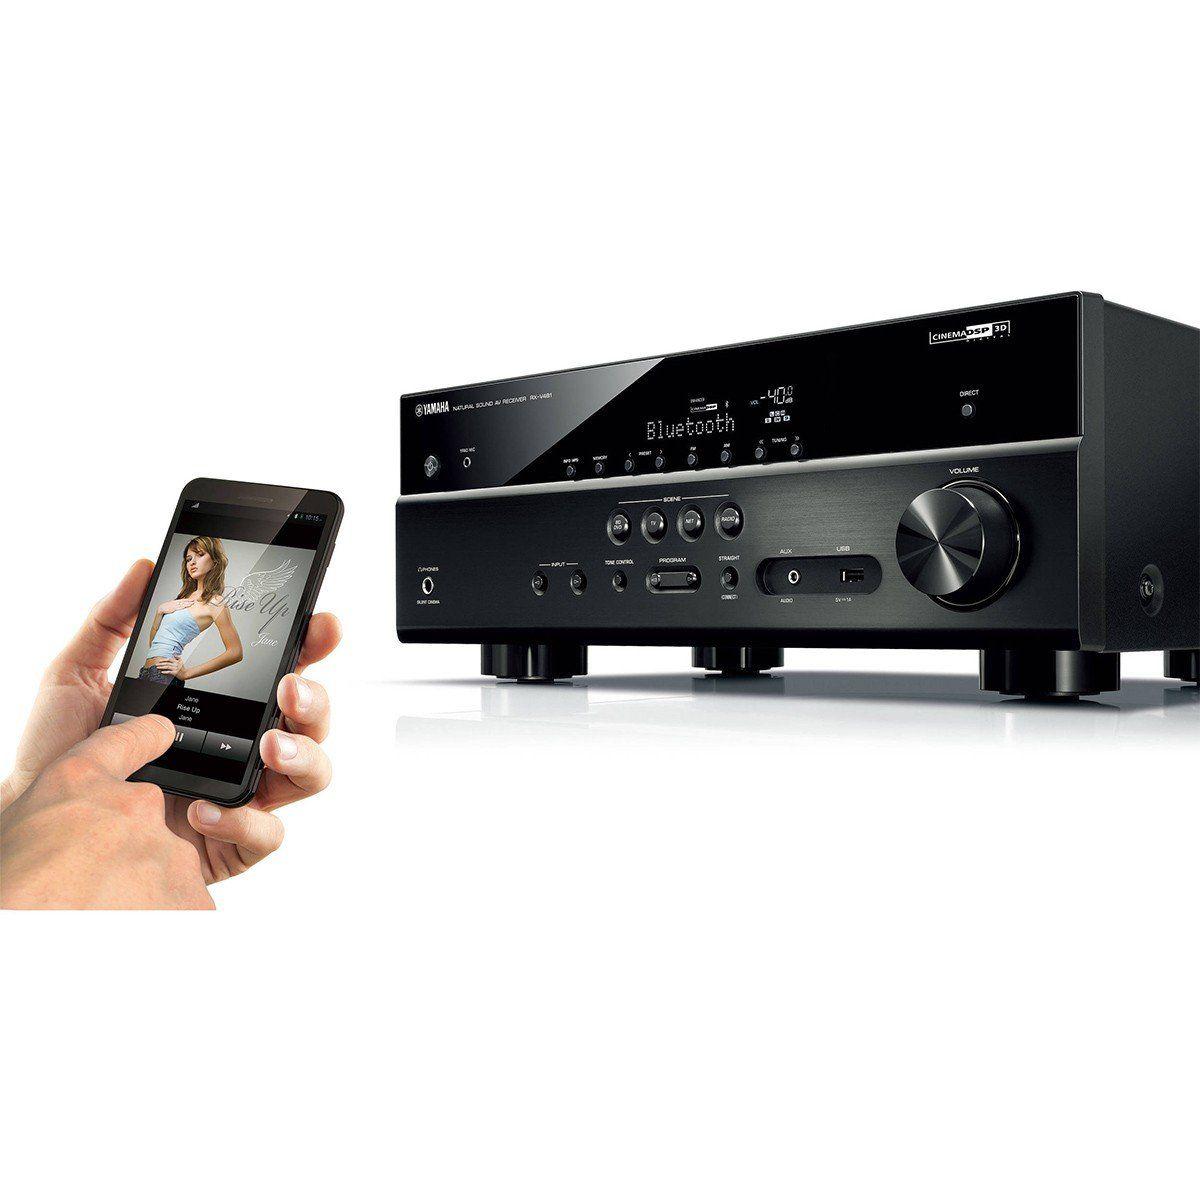 Yamaha RX-V481BK Receptor com 5.1 Canais Bluetooth Wi-Fi 4K Home Theater